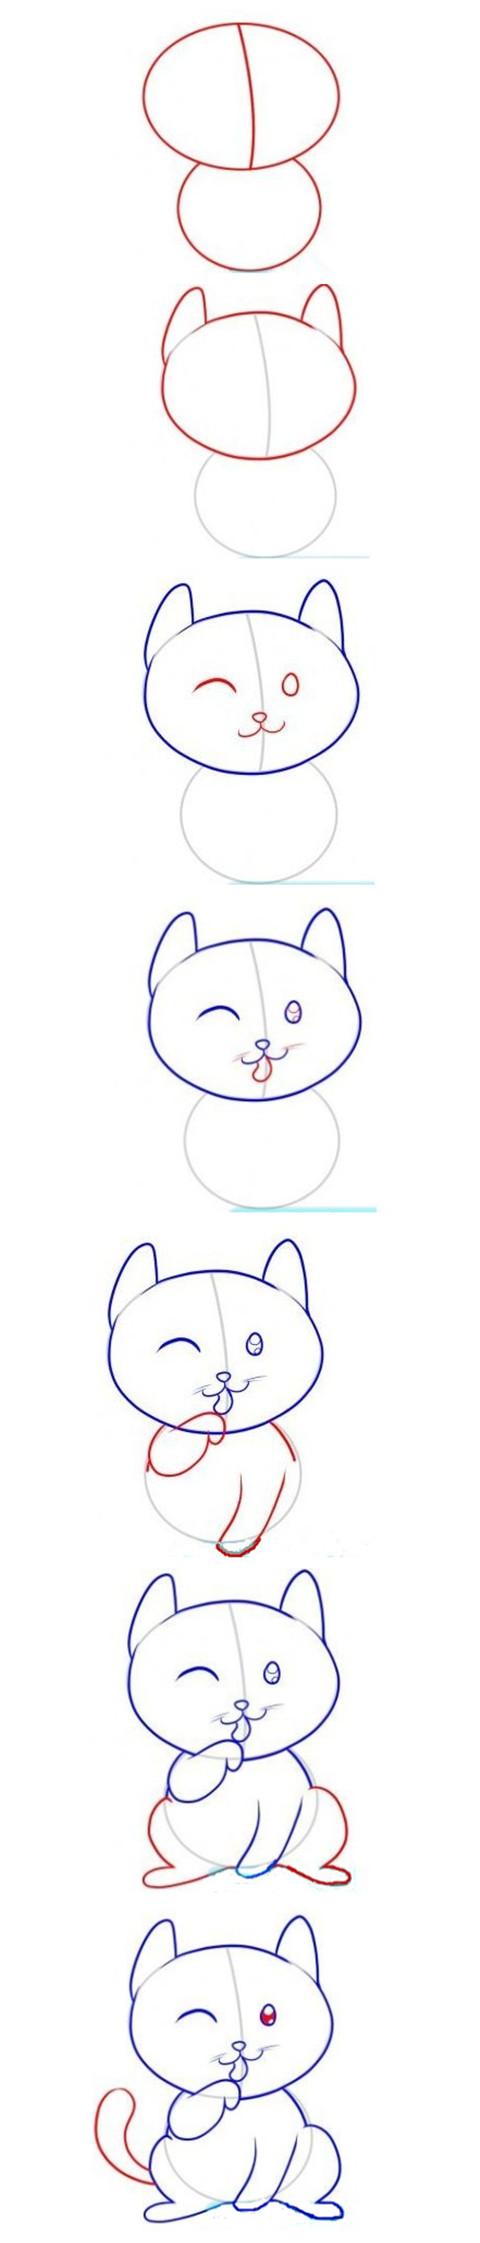 儿童简笔画教程